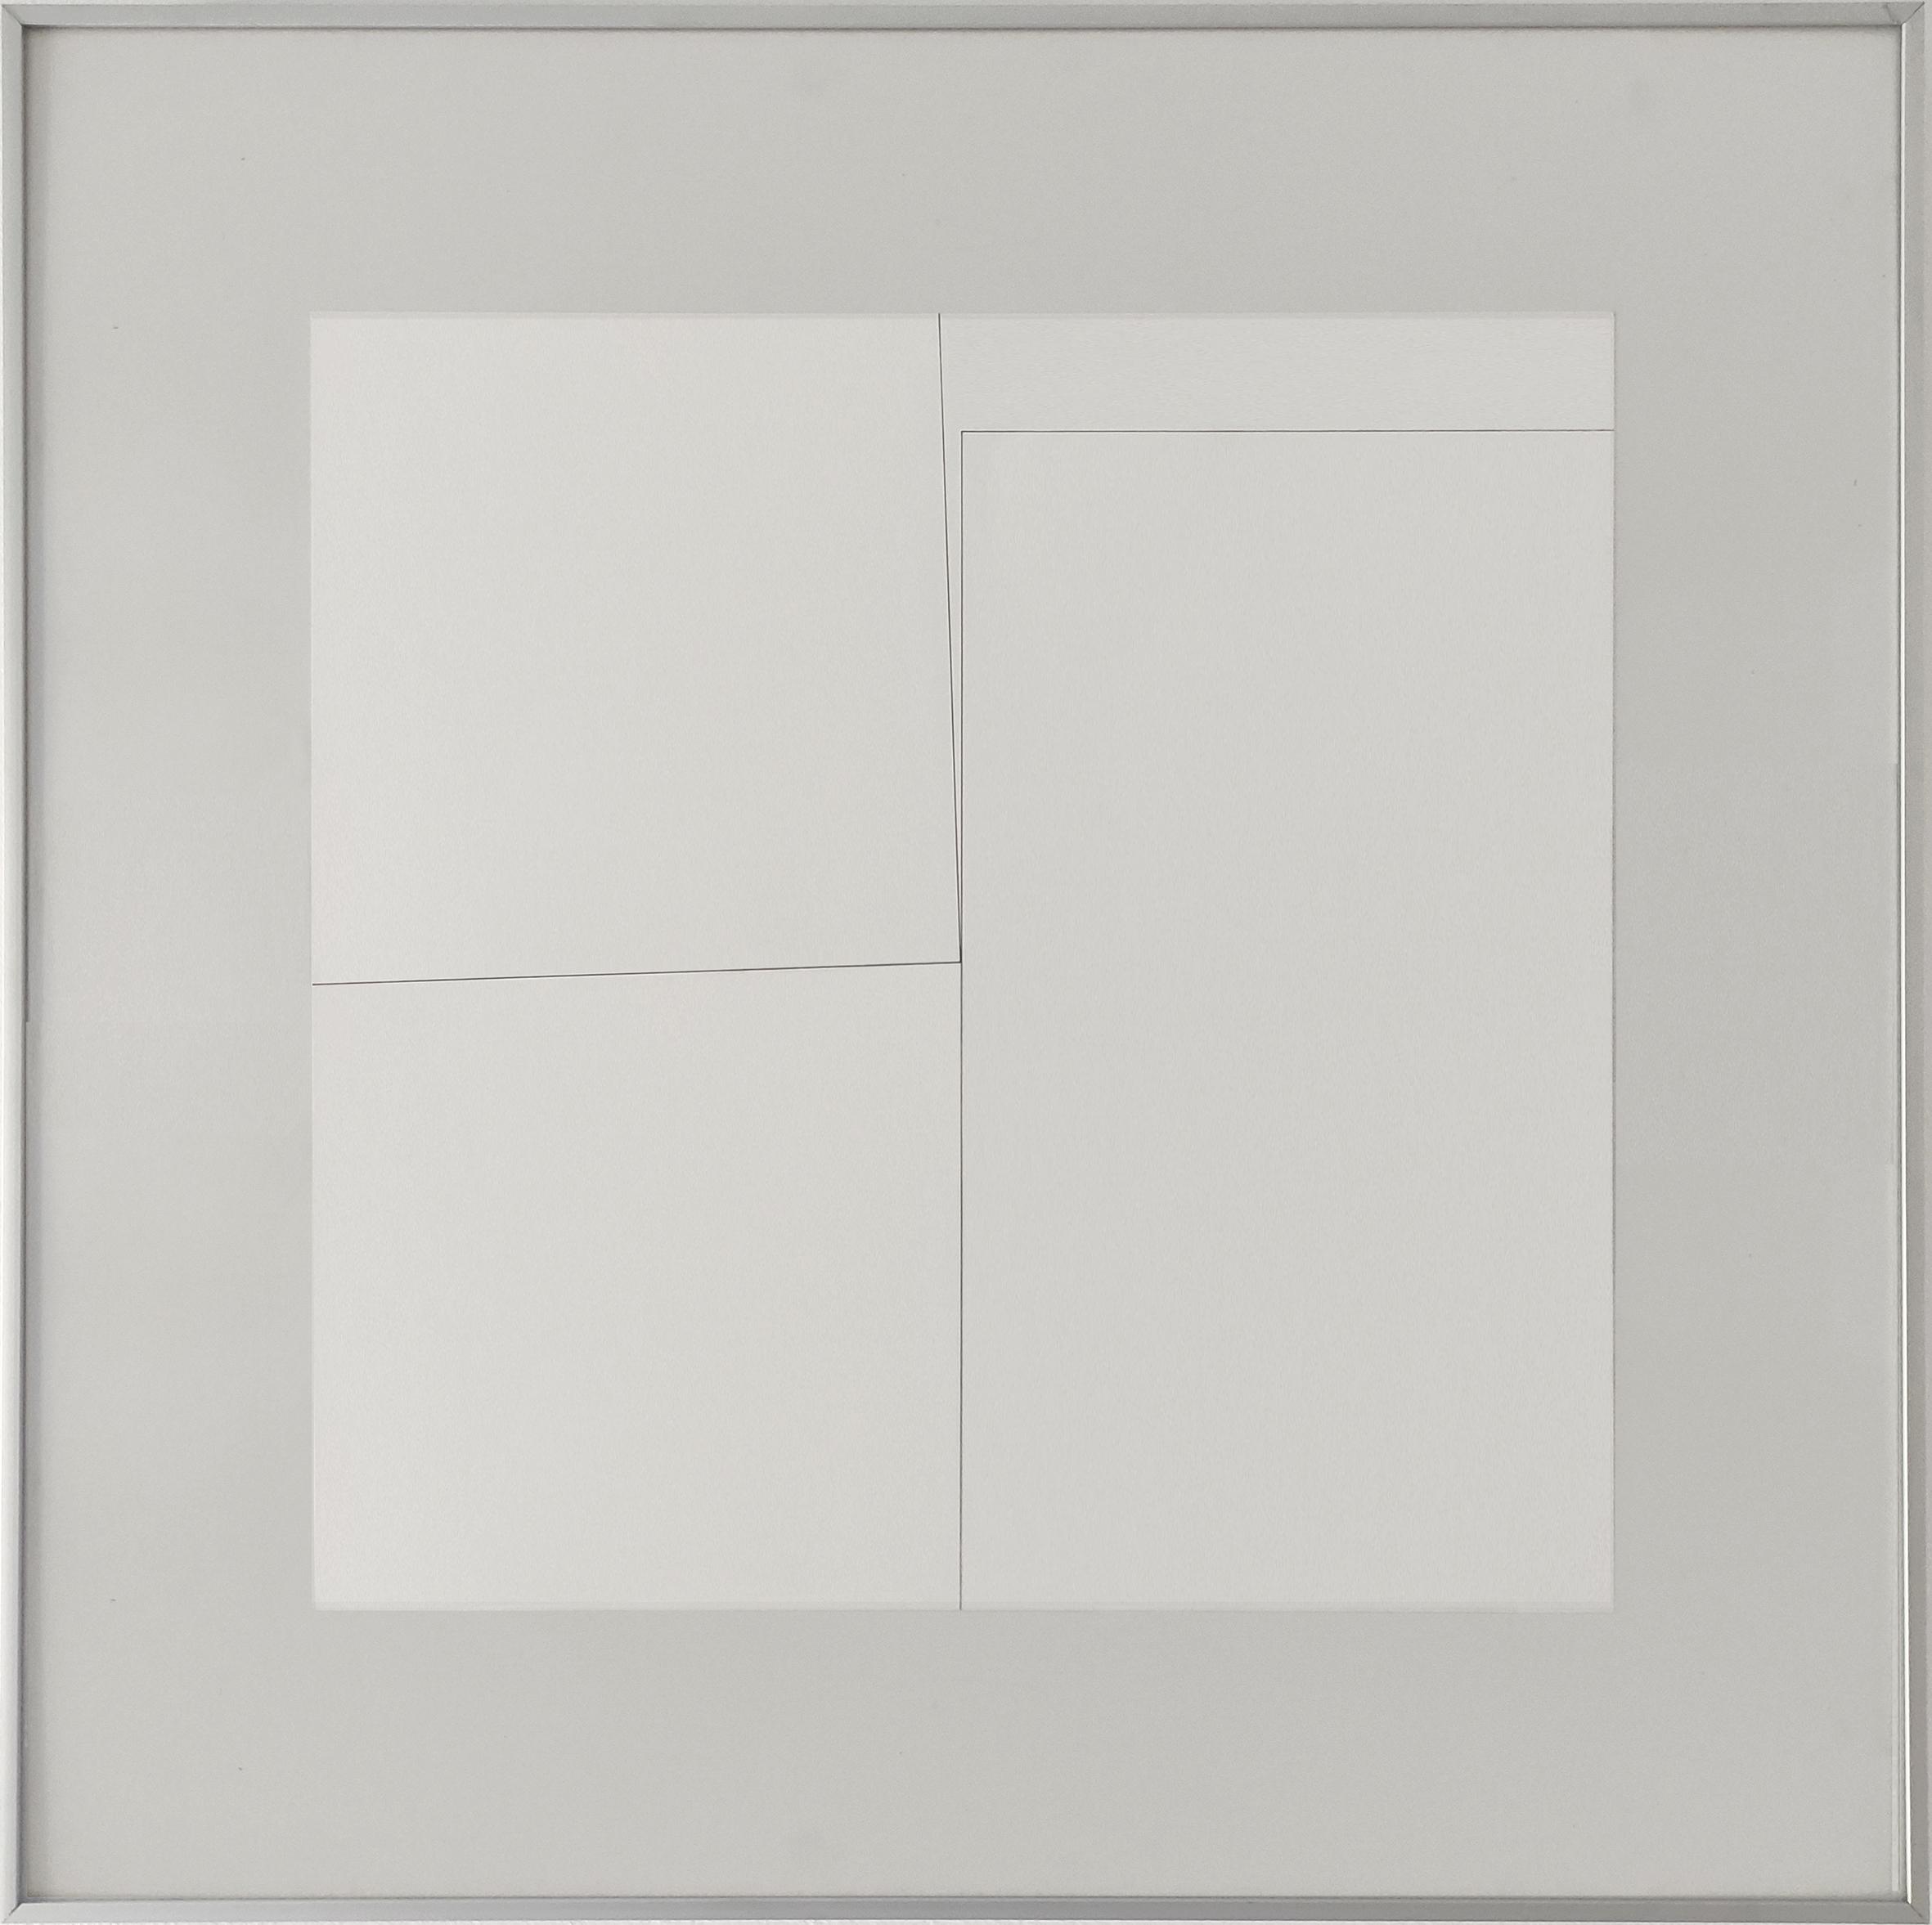 Diet Sayler, Veränderung 14, 1978, Tusche auf Bütten, 48x48 cm, Alu 70x70cm